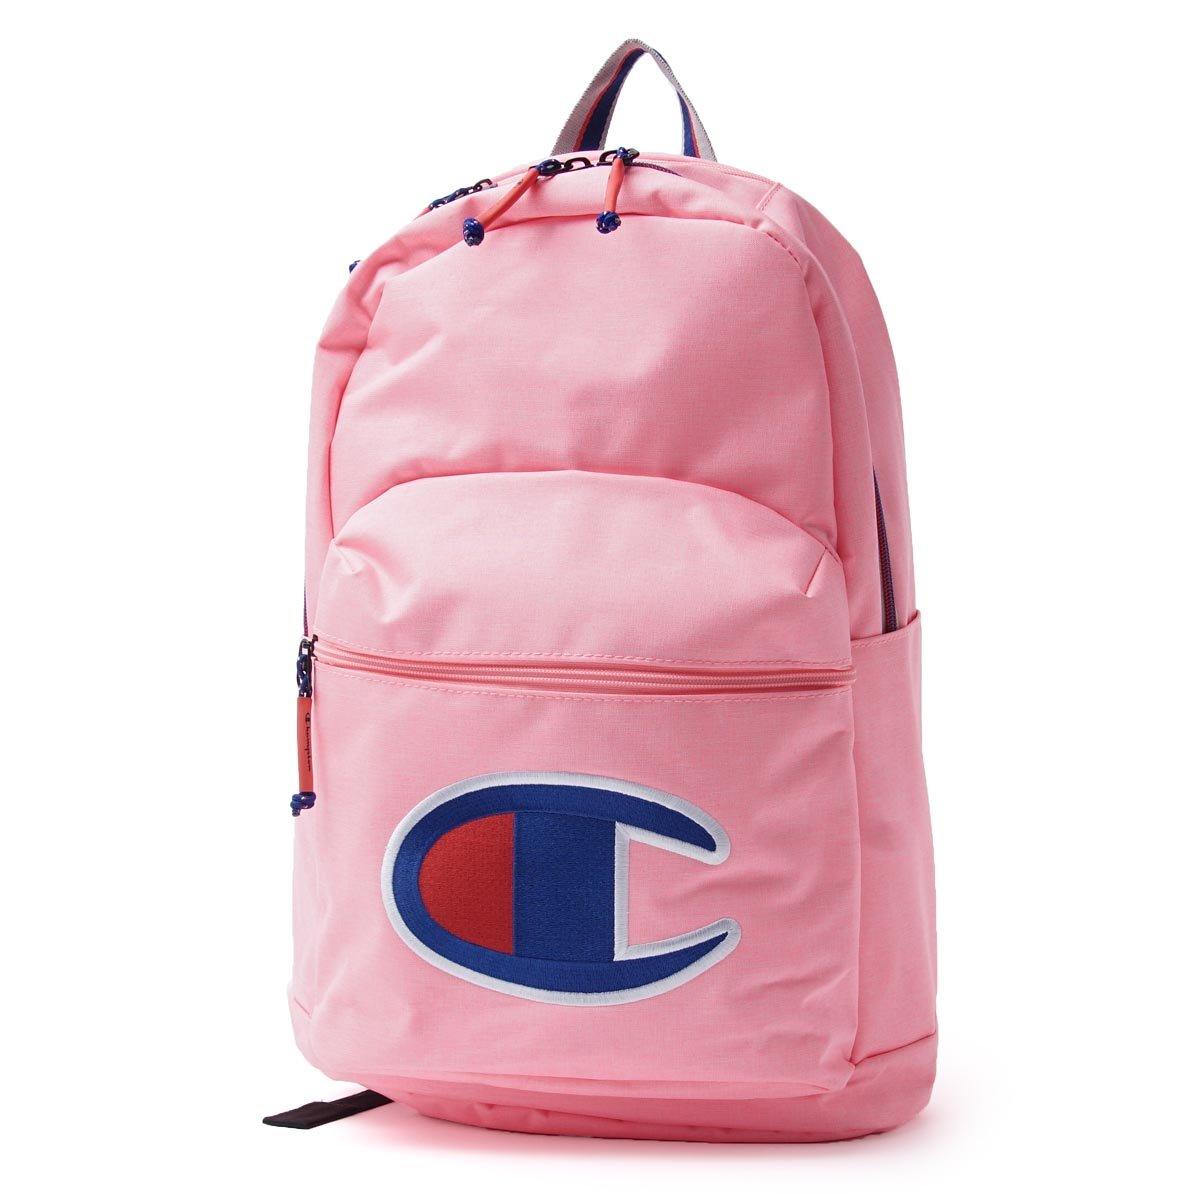 (チャンピオン) Champion バックパック/リュックサック リュック/SUPERCIZE スーパーサイズ [並行輸入品] B07DN4X4N8 Free ピンク ピンク Free